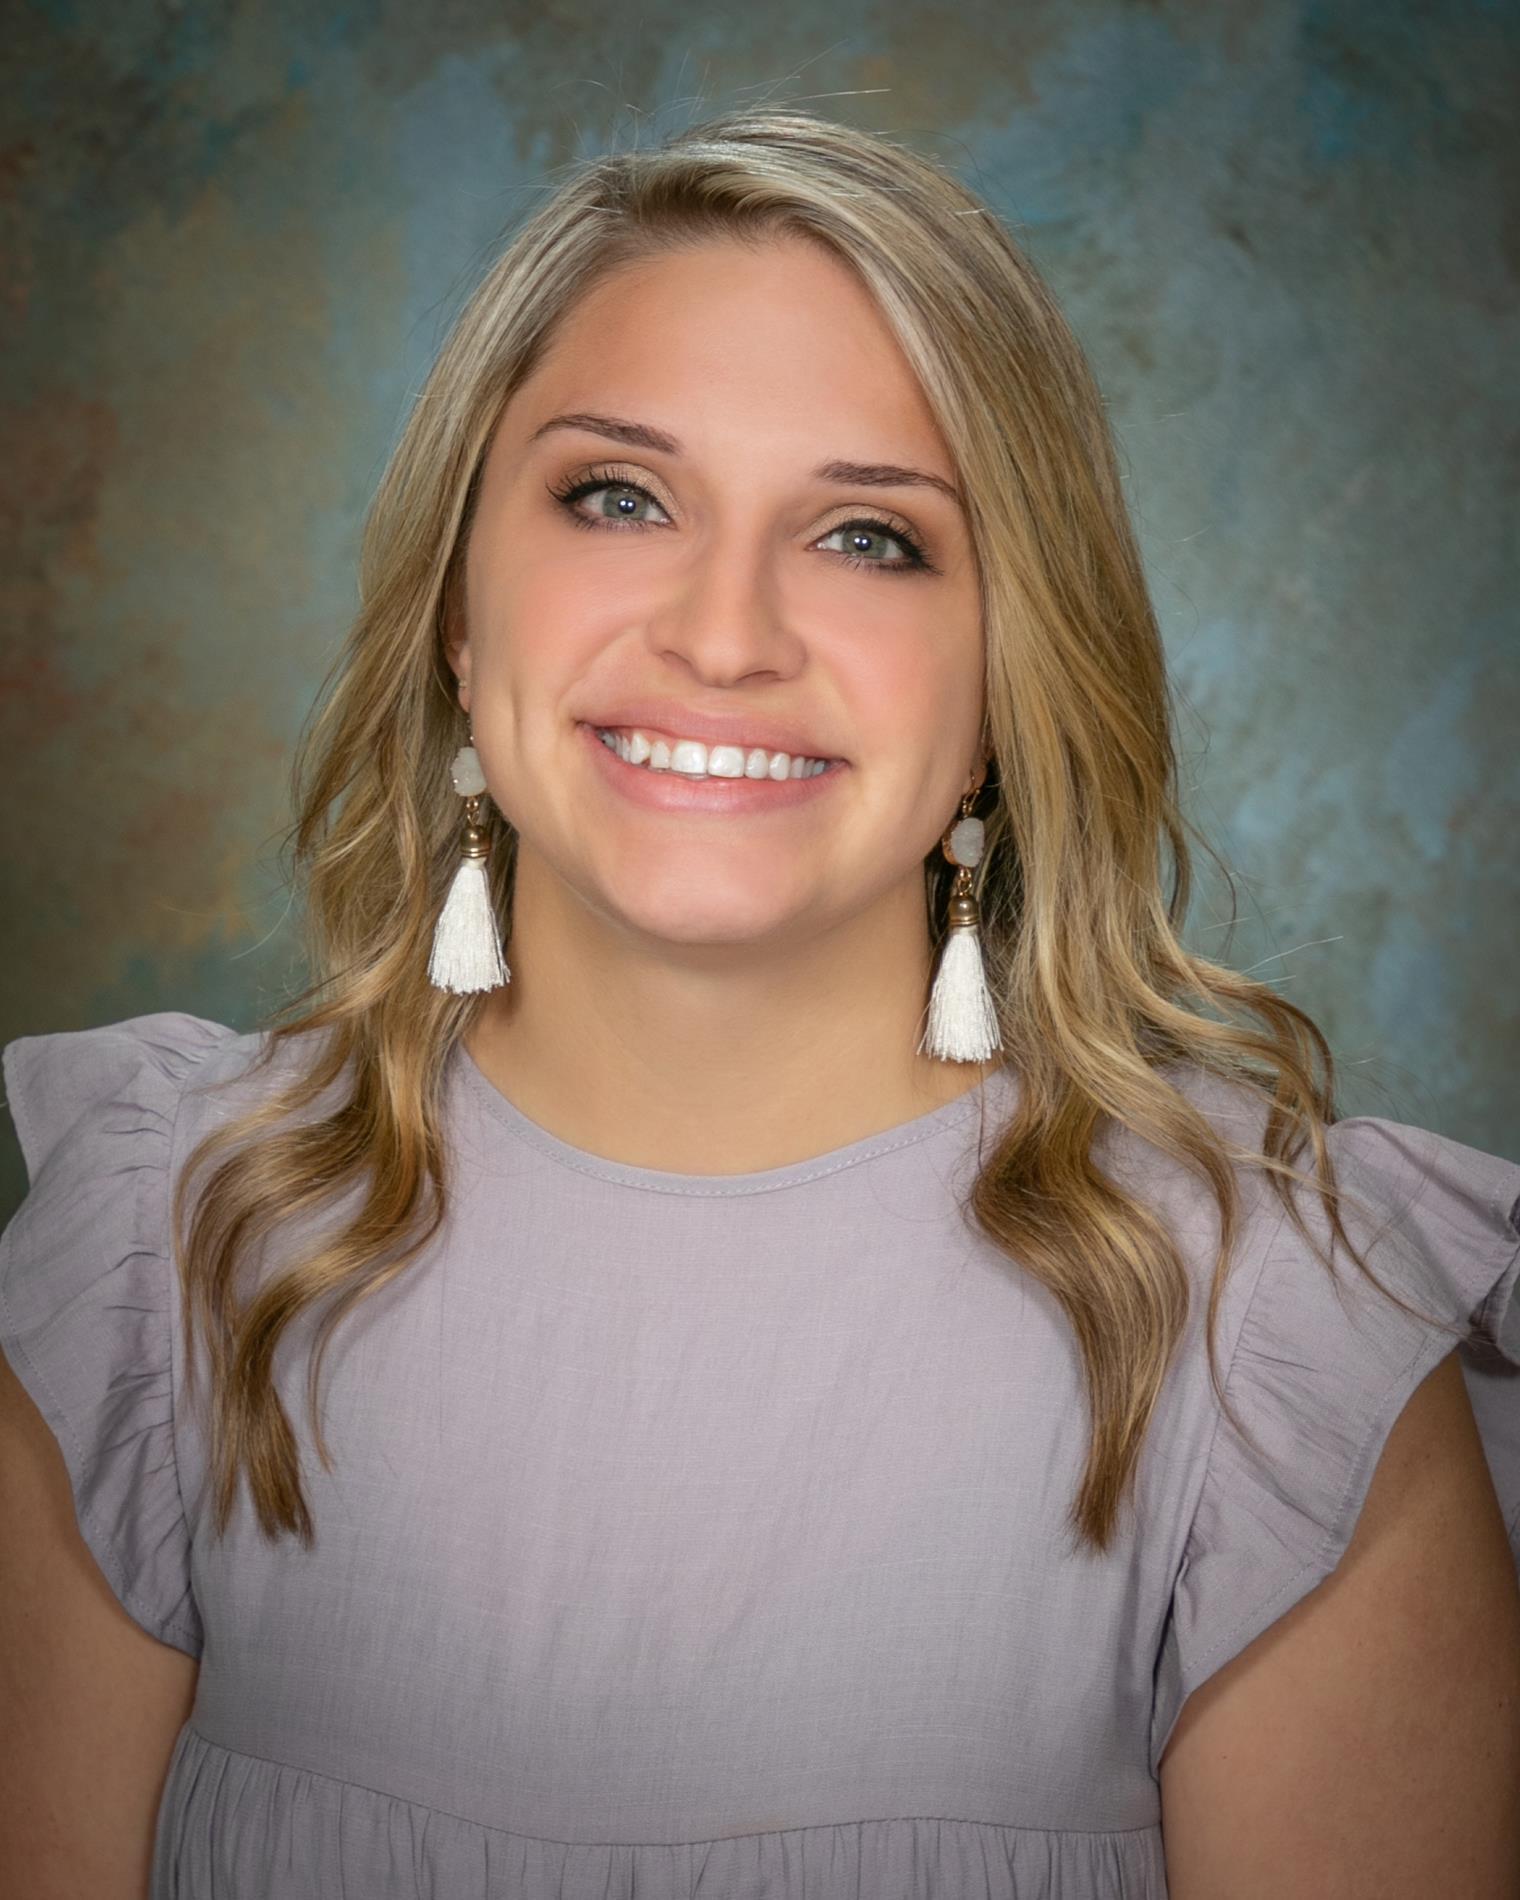 Katelyn Harkness